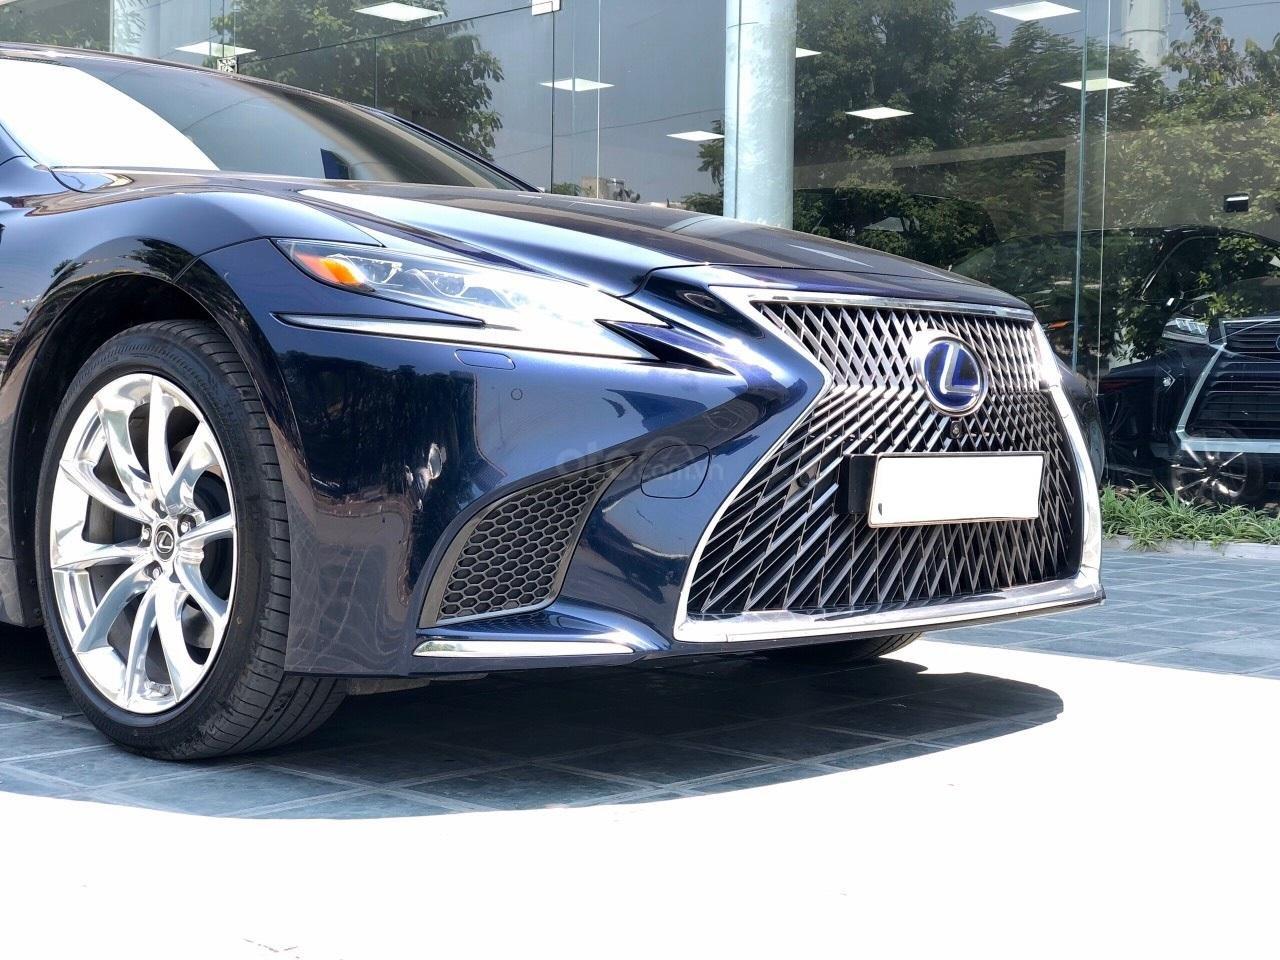 Bán xe Lexus LS 500H 2017, màu xanh lam, giá tốt giao ngay toàn quốc, LH Ngọc Vy 093.996.2368 (7)